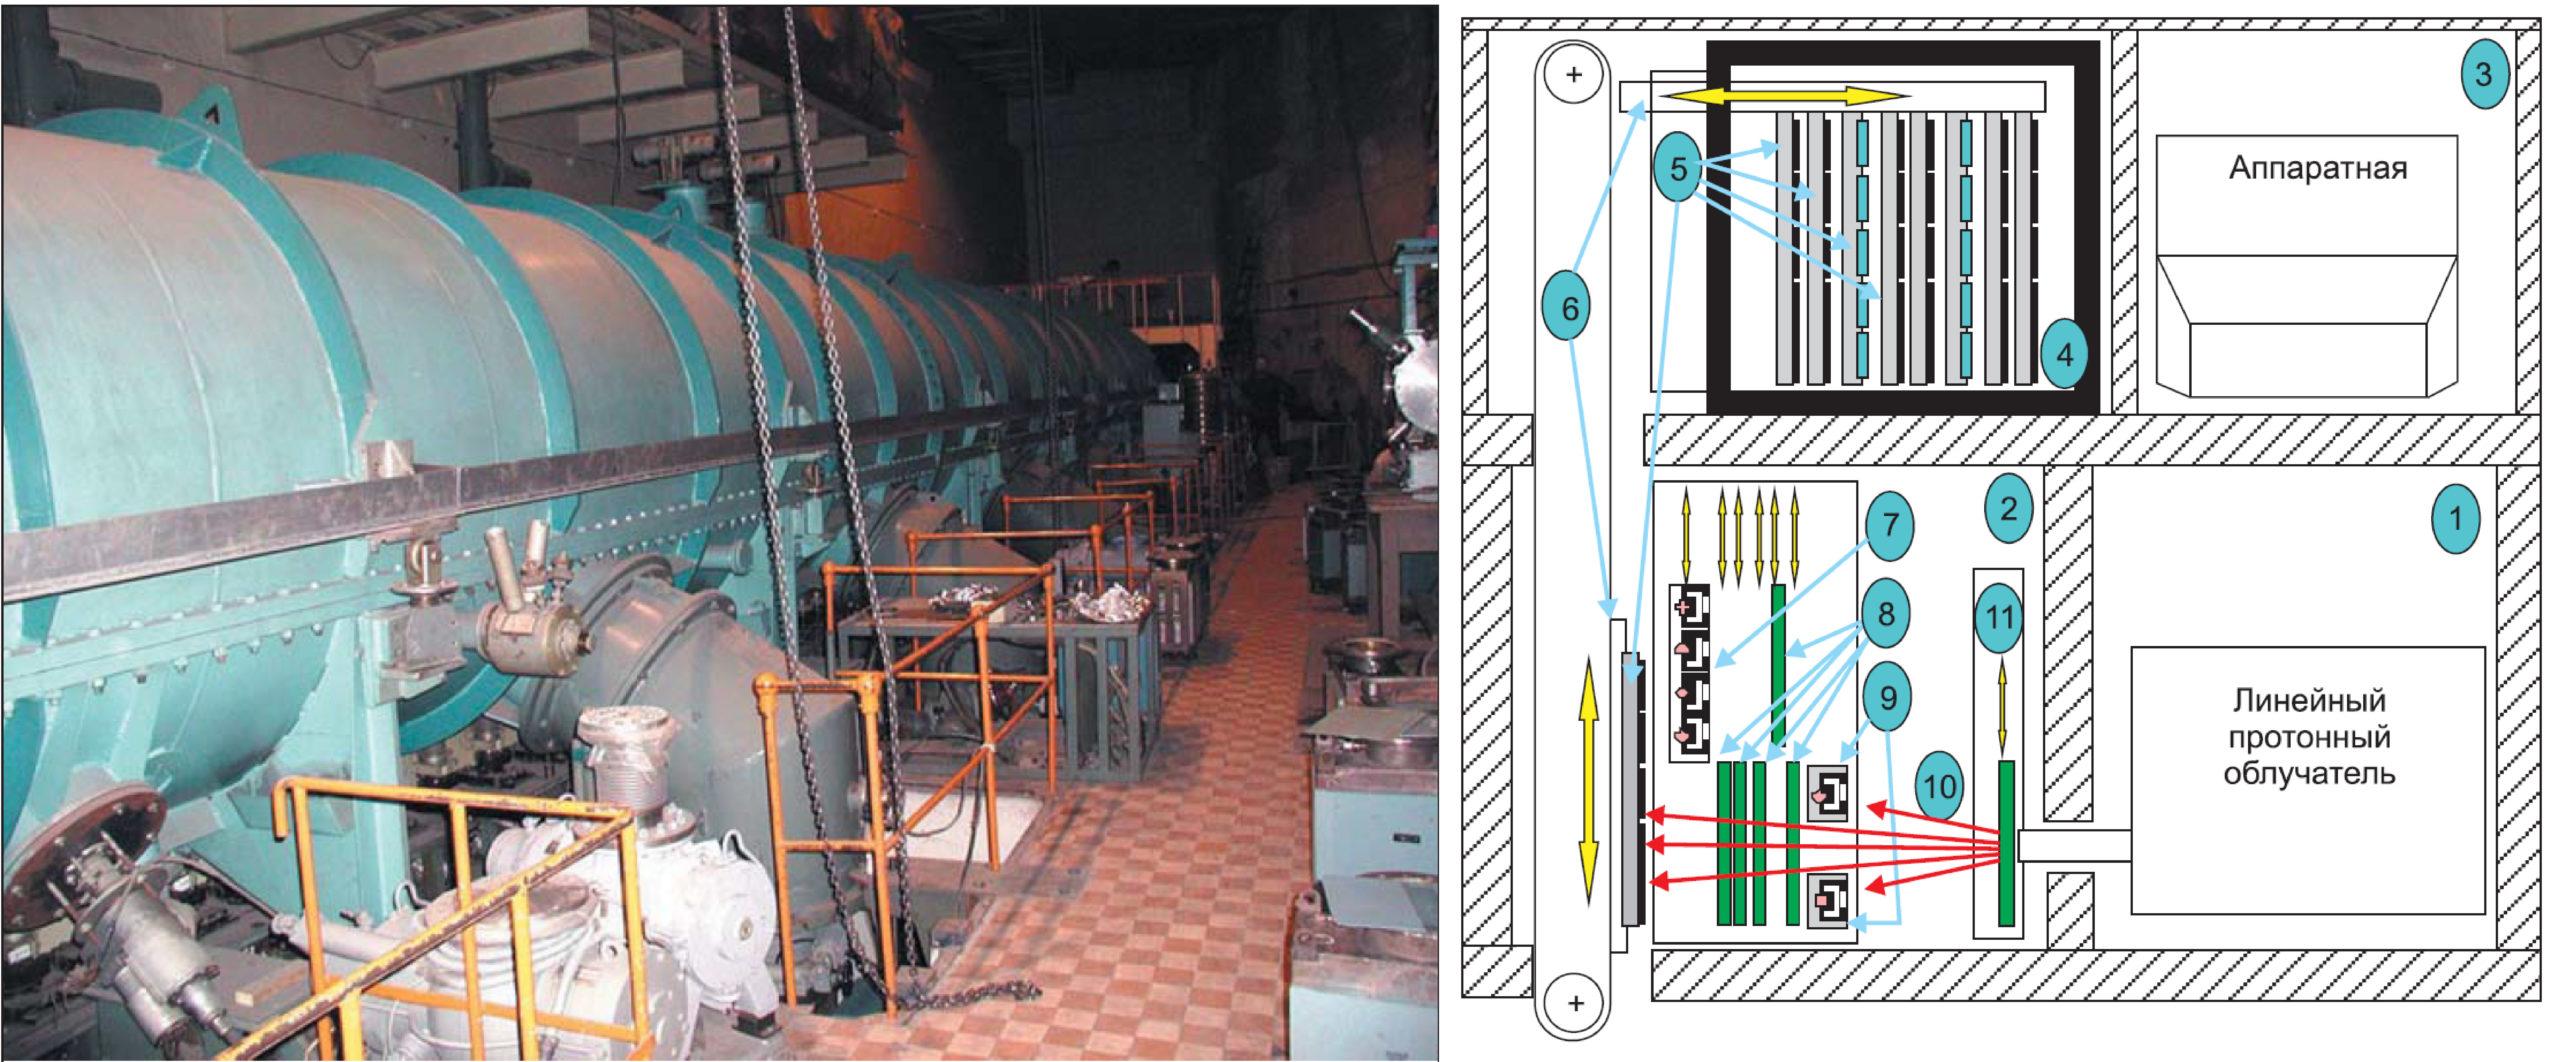 Промышленный технологический комплекс для протонного облучения полупроводниковых приборов